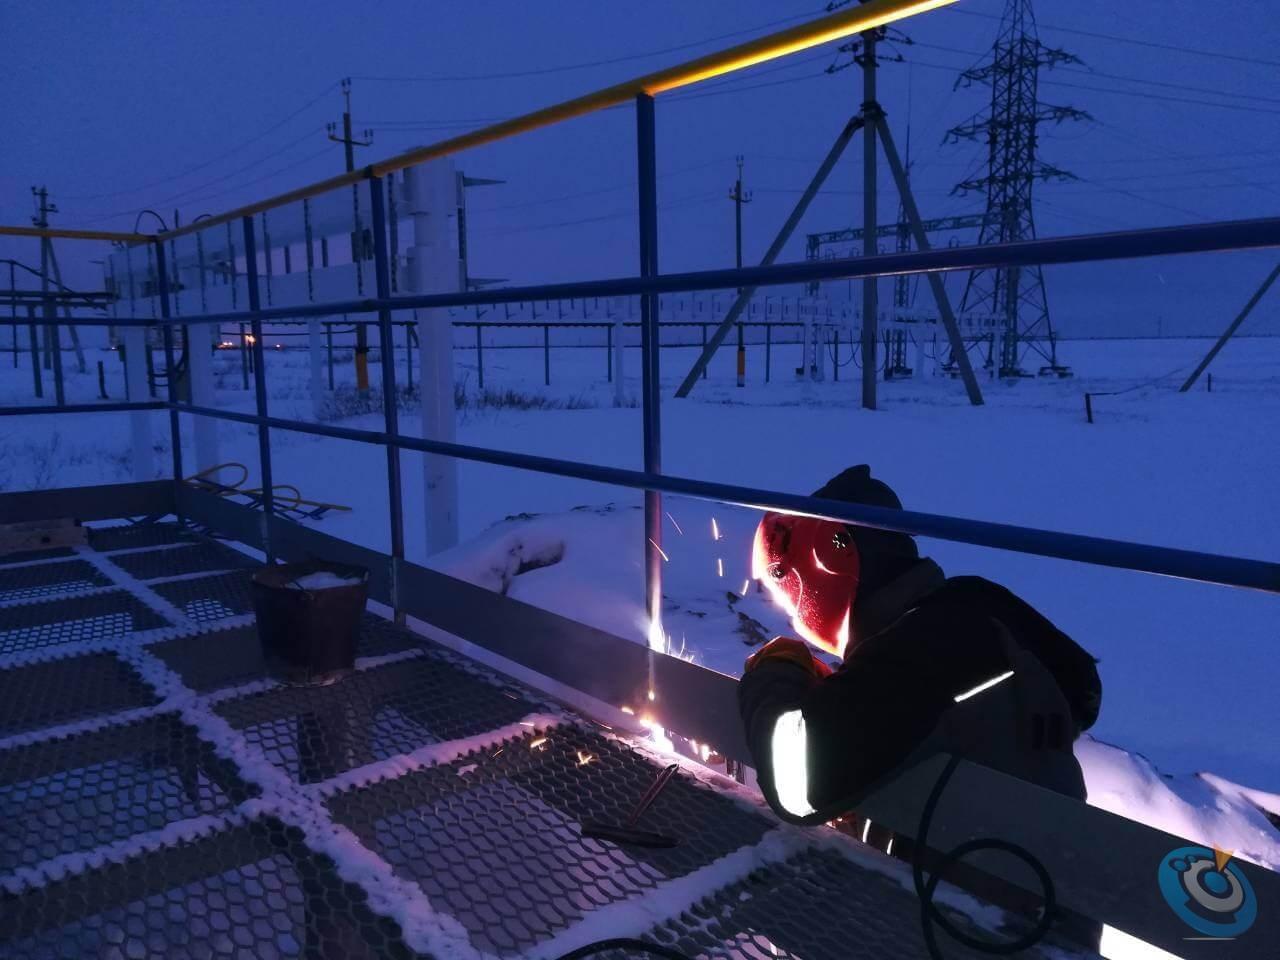 Сварочные работы-Вакансии - НефтеМонтажАвтоматика